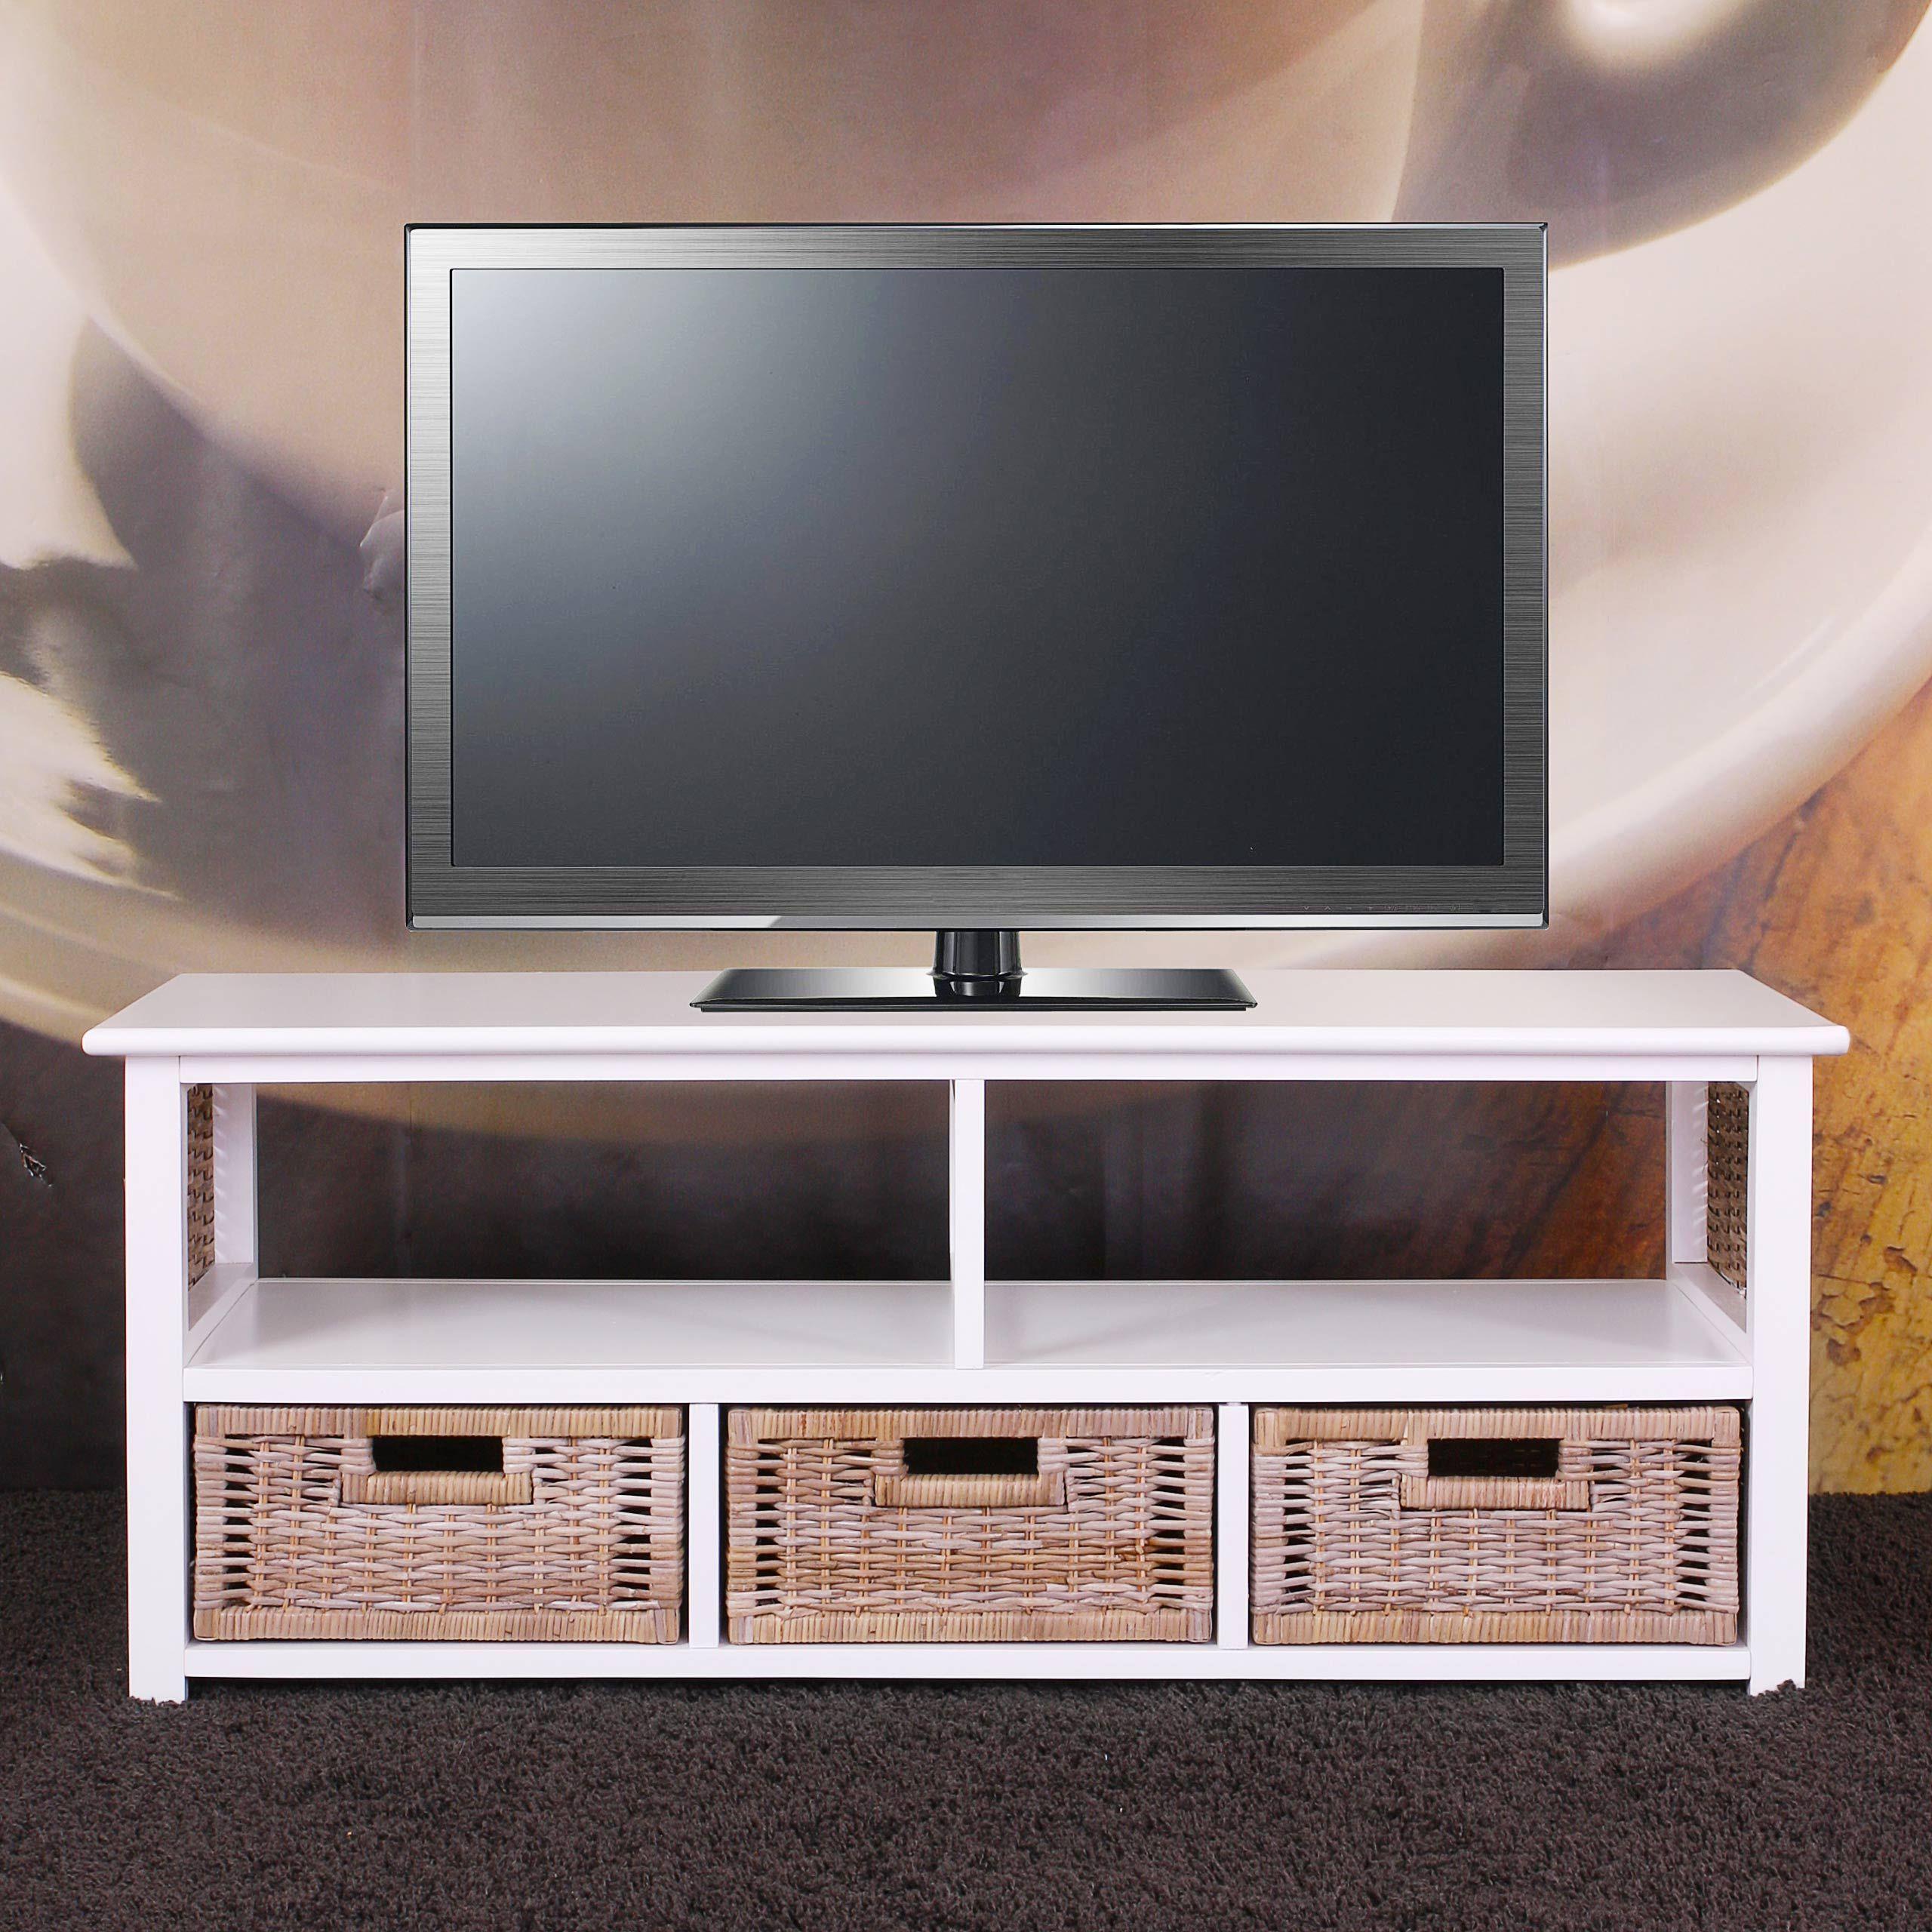 Meuble Table Basse T L Bois Massif Osier 3 Tiroirs Meubles D  # Table En Bois Pour Tv Ecran Plat